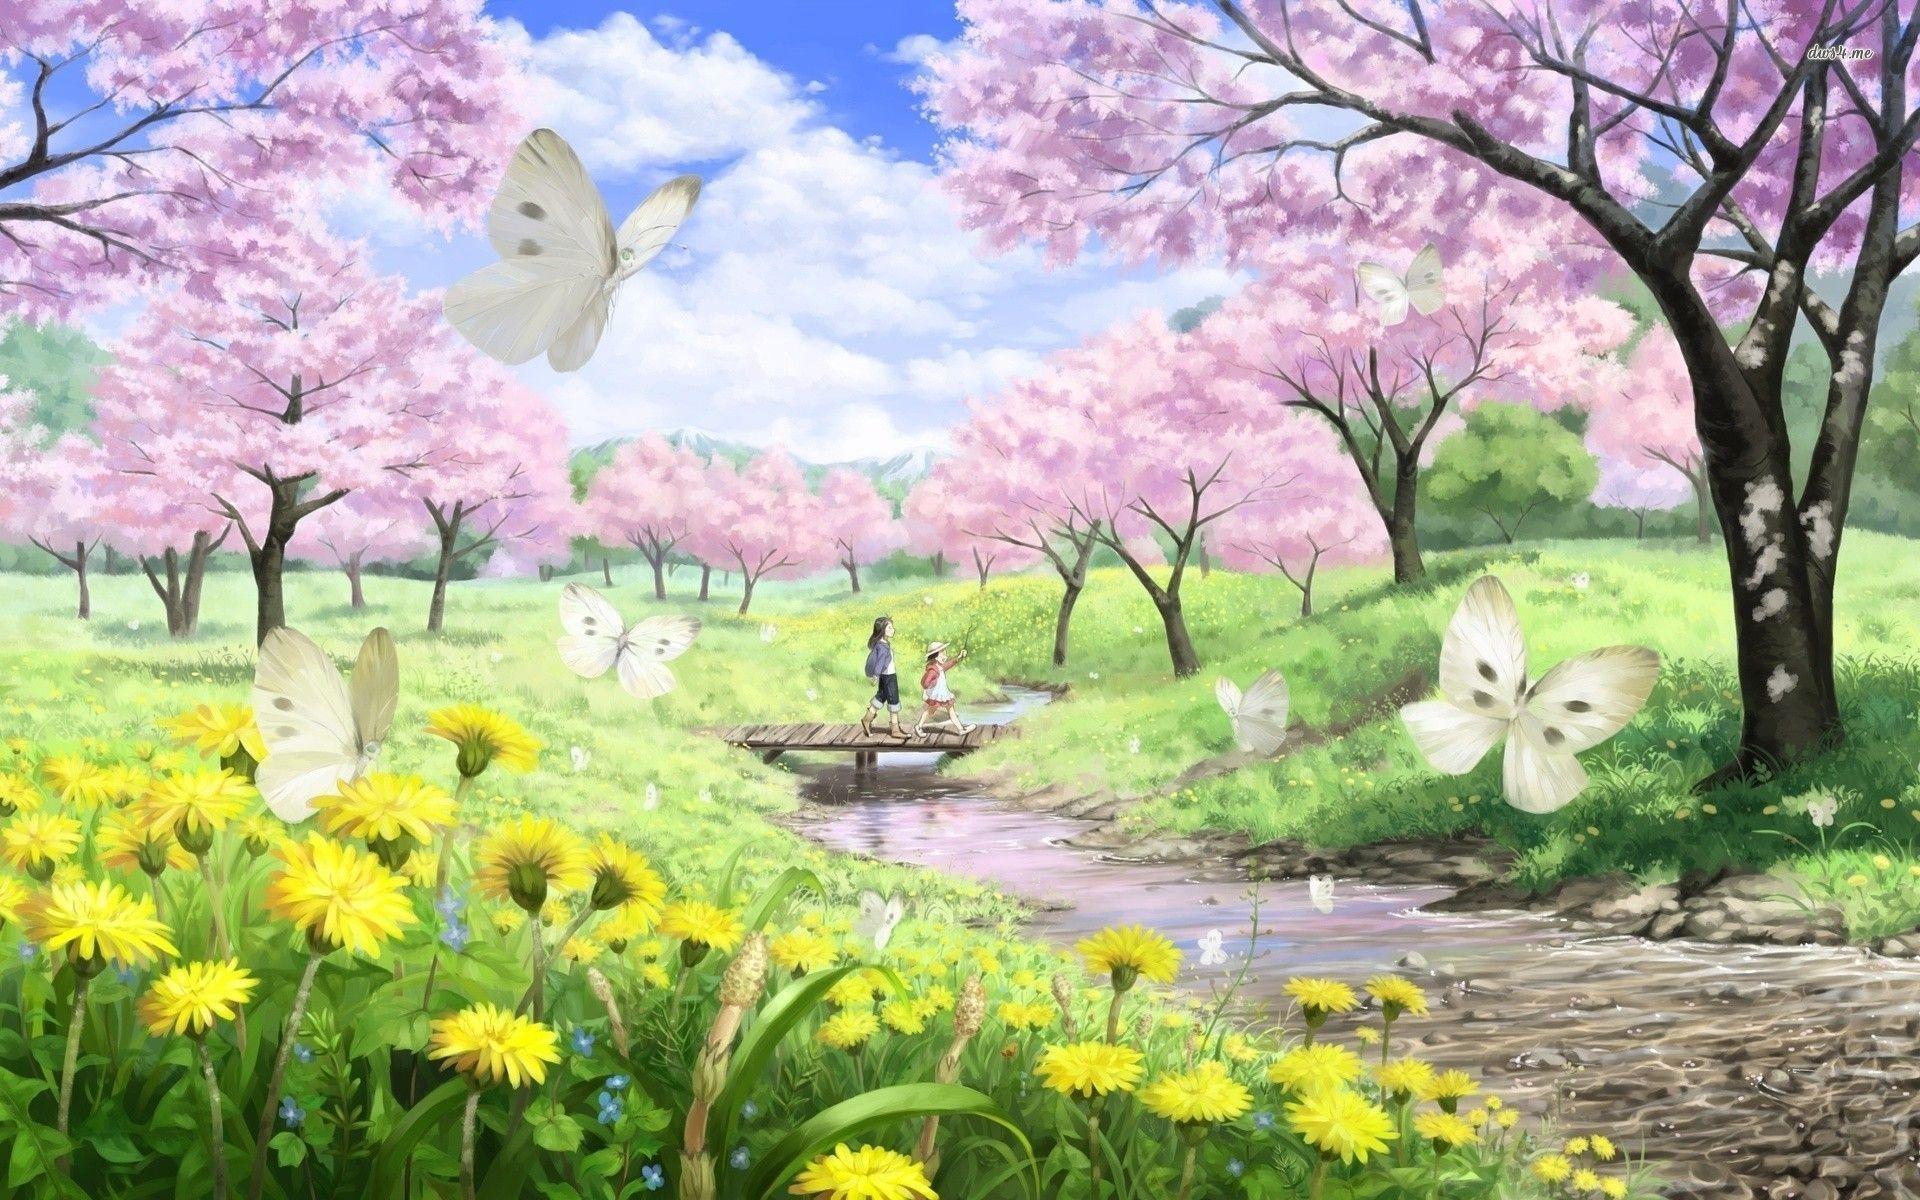 Spring Wallpapers Desktop 1920x1200